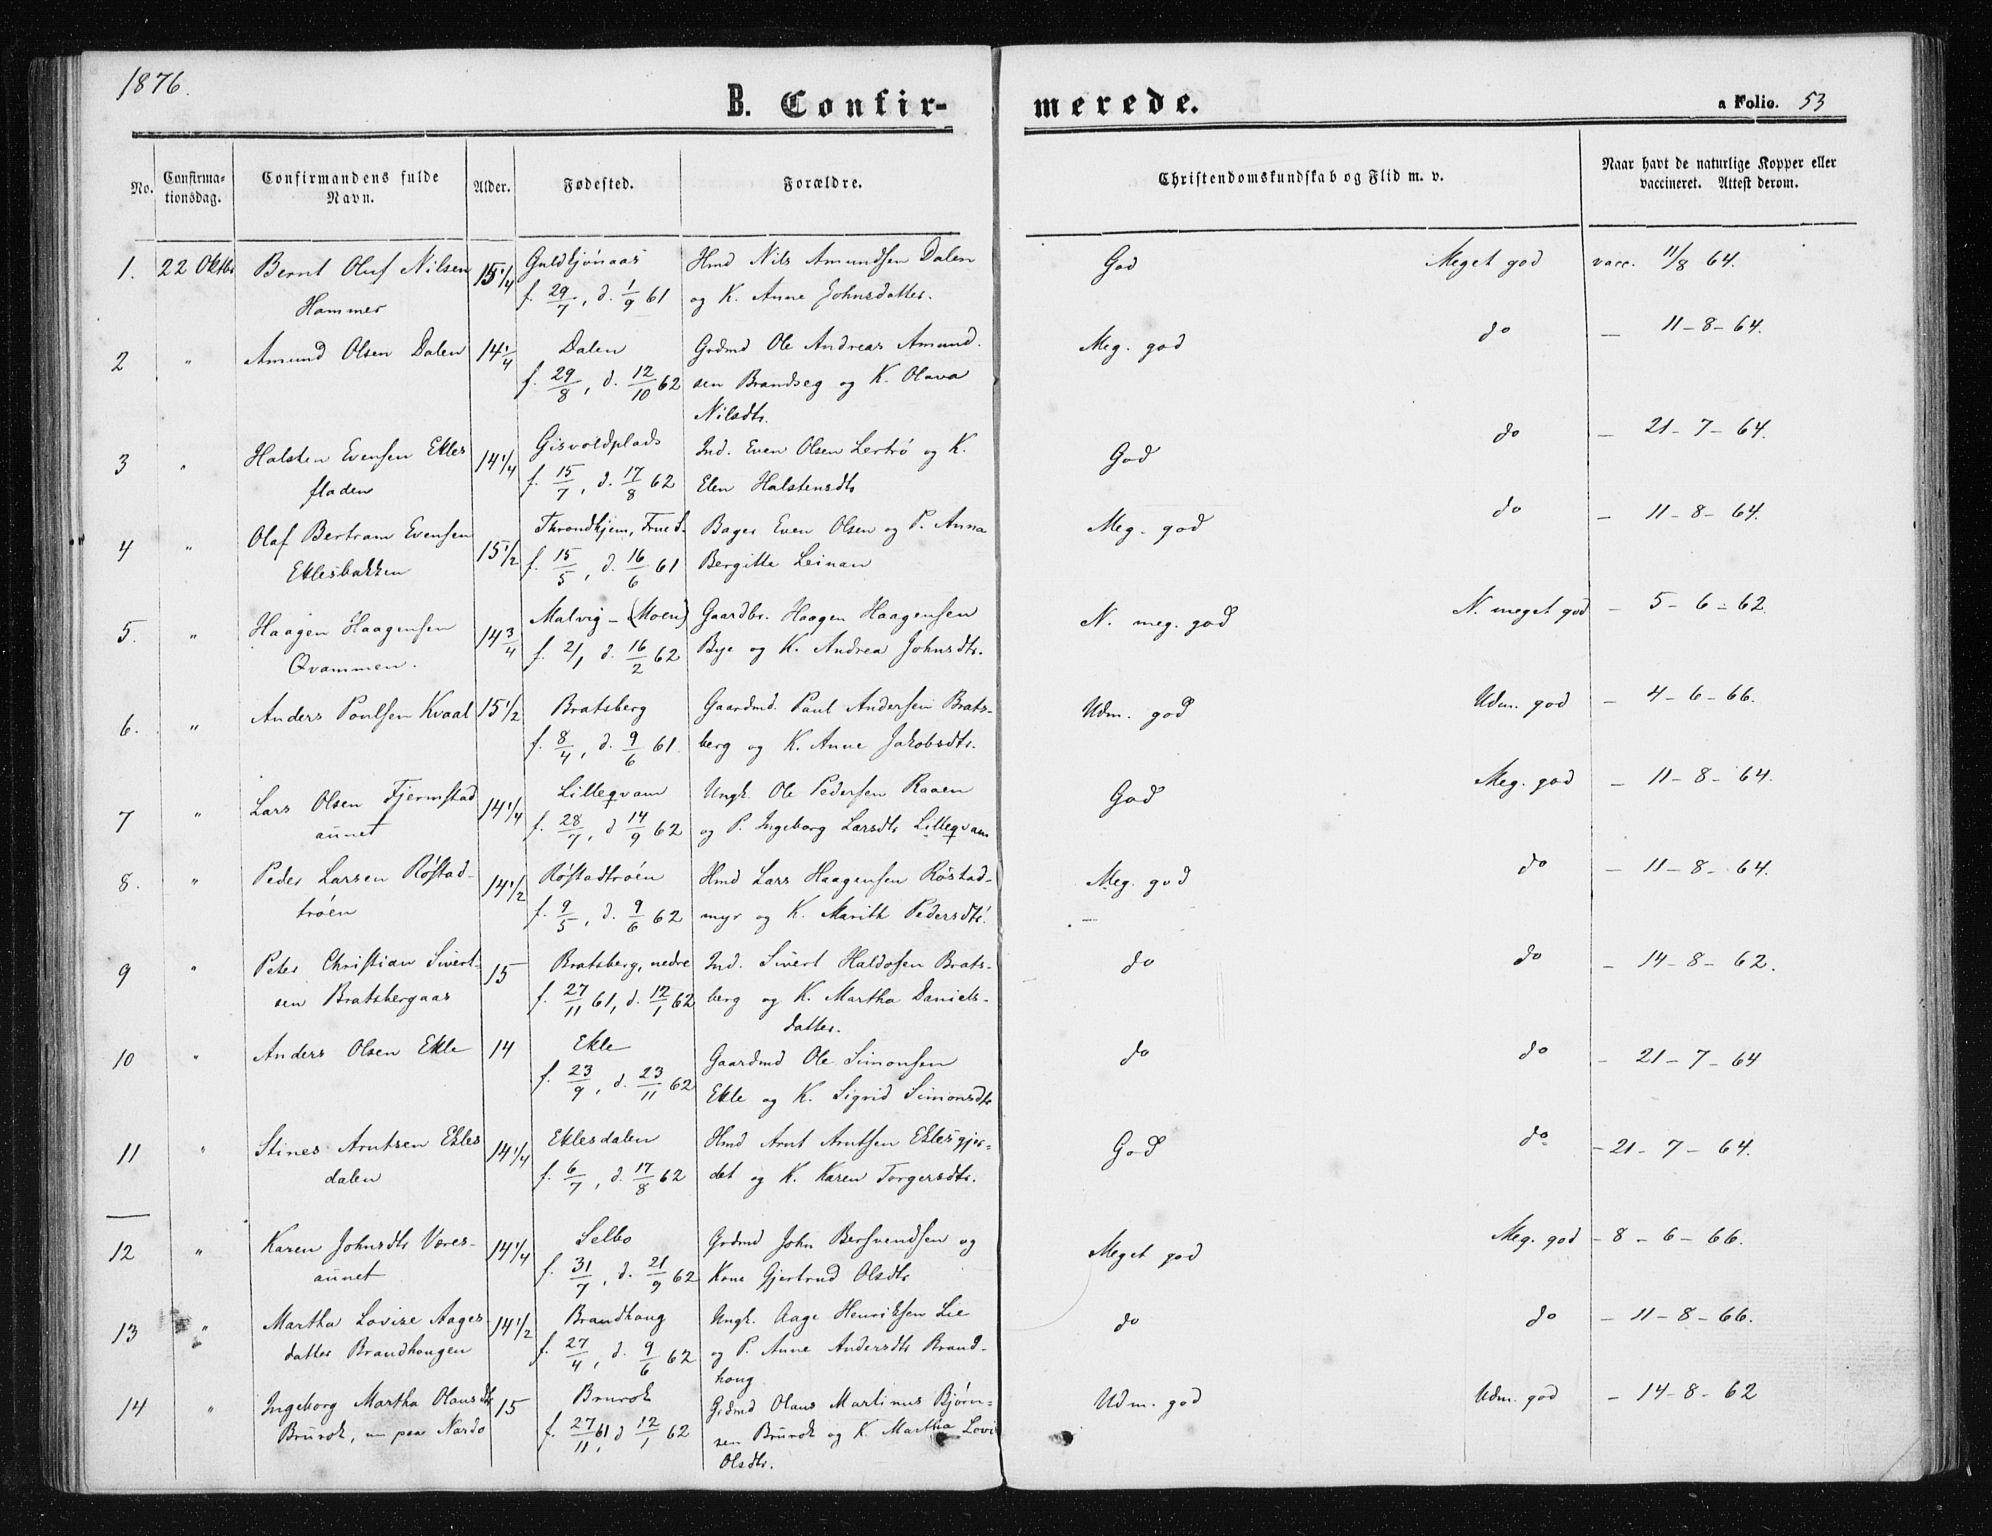 SAT, Ministerialprotokoller, klokkerbøker og fødselsregistre - Sør-Trøndelag, 608/L0333: Ministerialbok nr. 608A02, 1862-1876, s. 53